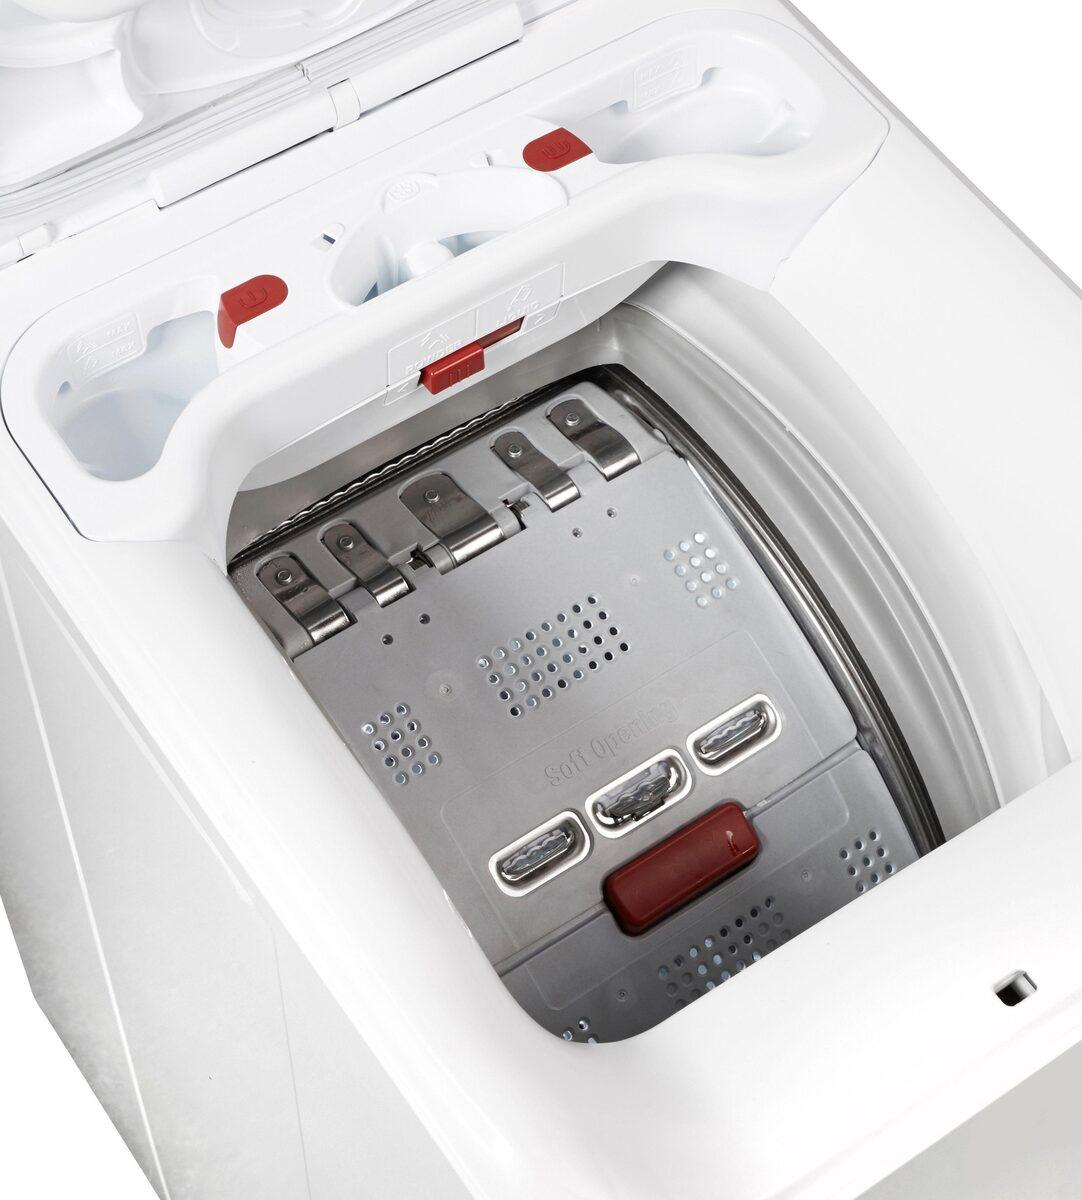 Bild 4 von AEG Waschmaschine Toplader L7TE74275, 7 kg, 1200 U/Min, ProSteam - Auffrischfunktion